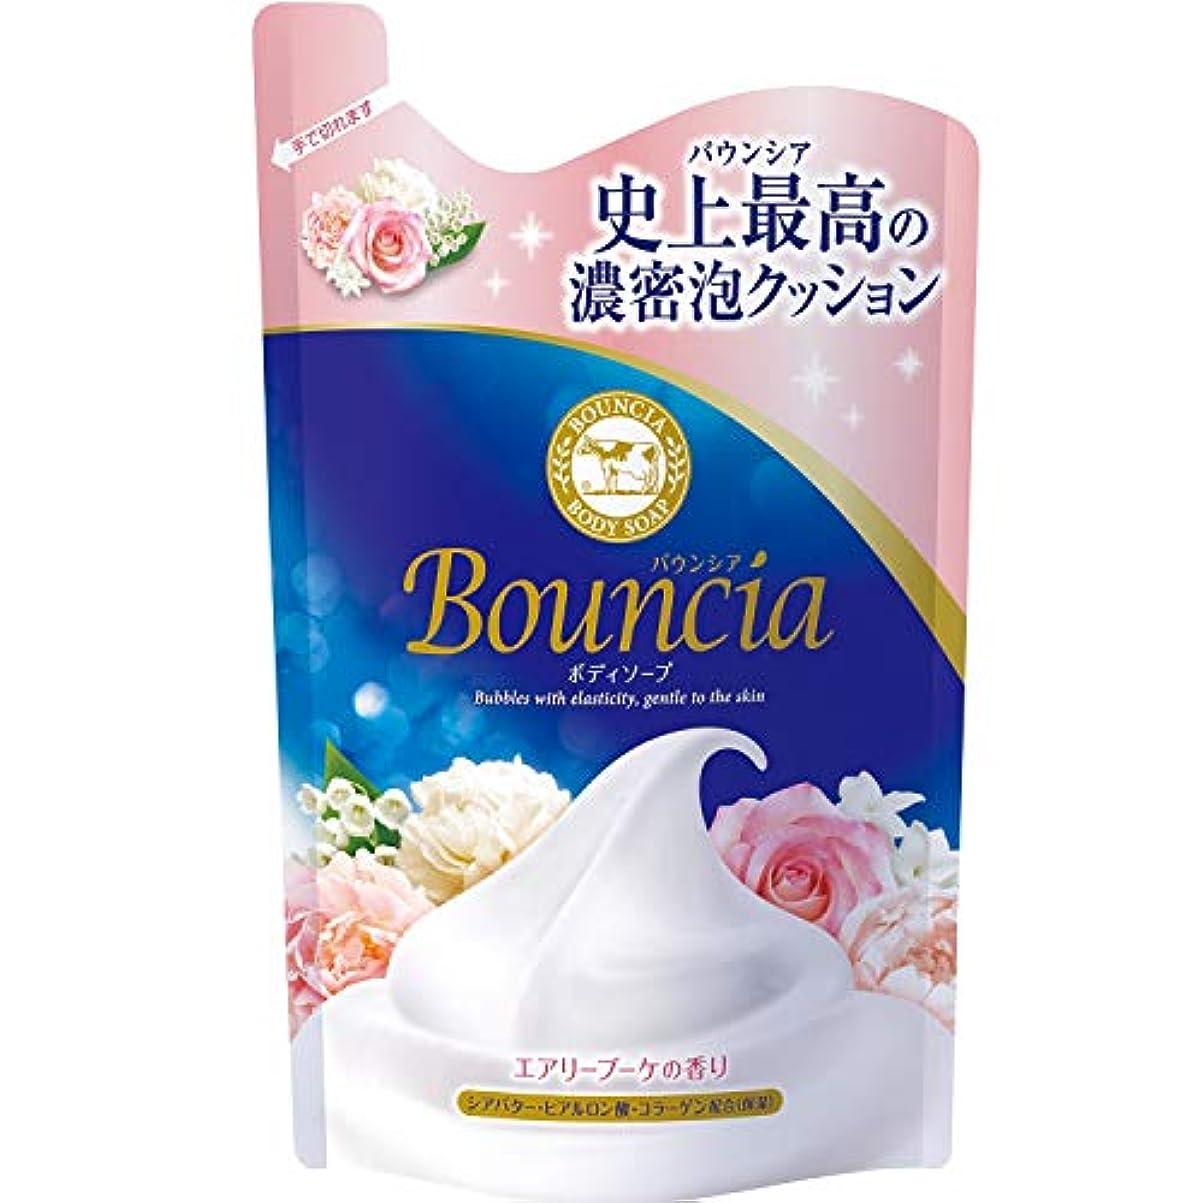 付属品洞察力に賛成バウンシア ボディソープ エアリーブーケの香り 詰替 400mL